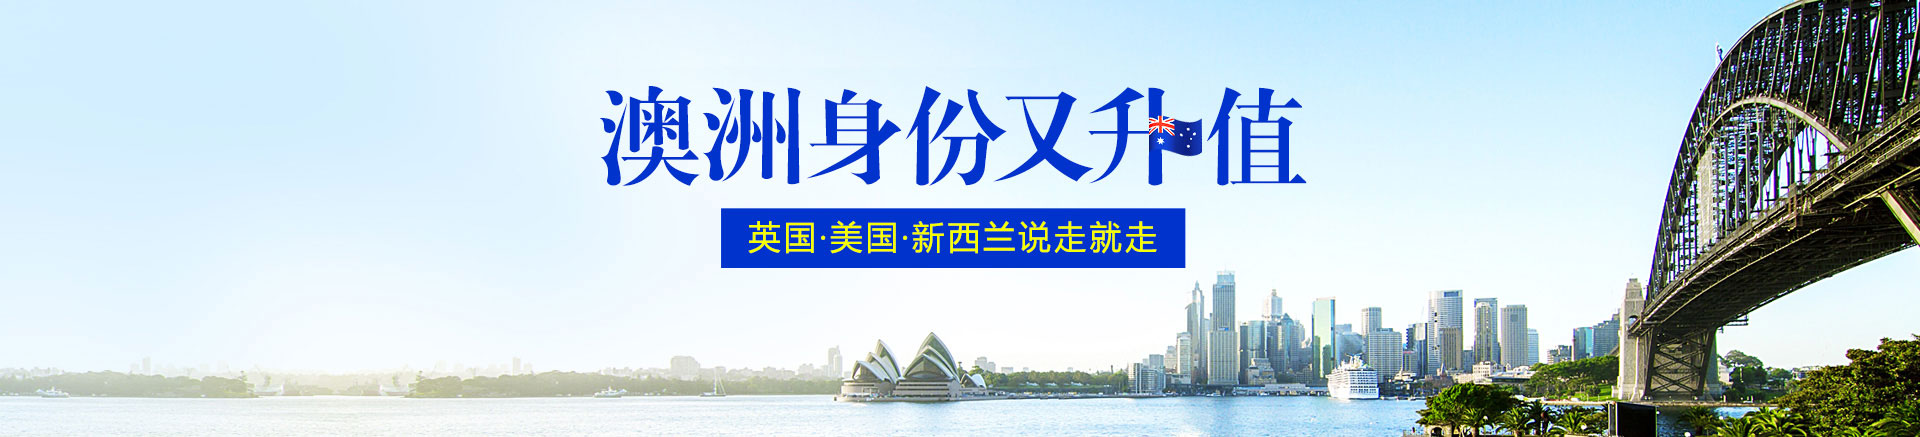 澳洲身份又升值,英国,美国,新西兰说走就走!